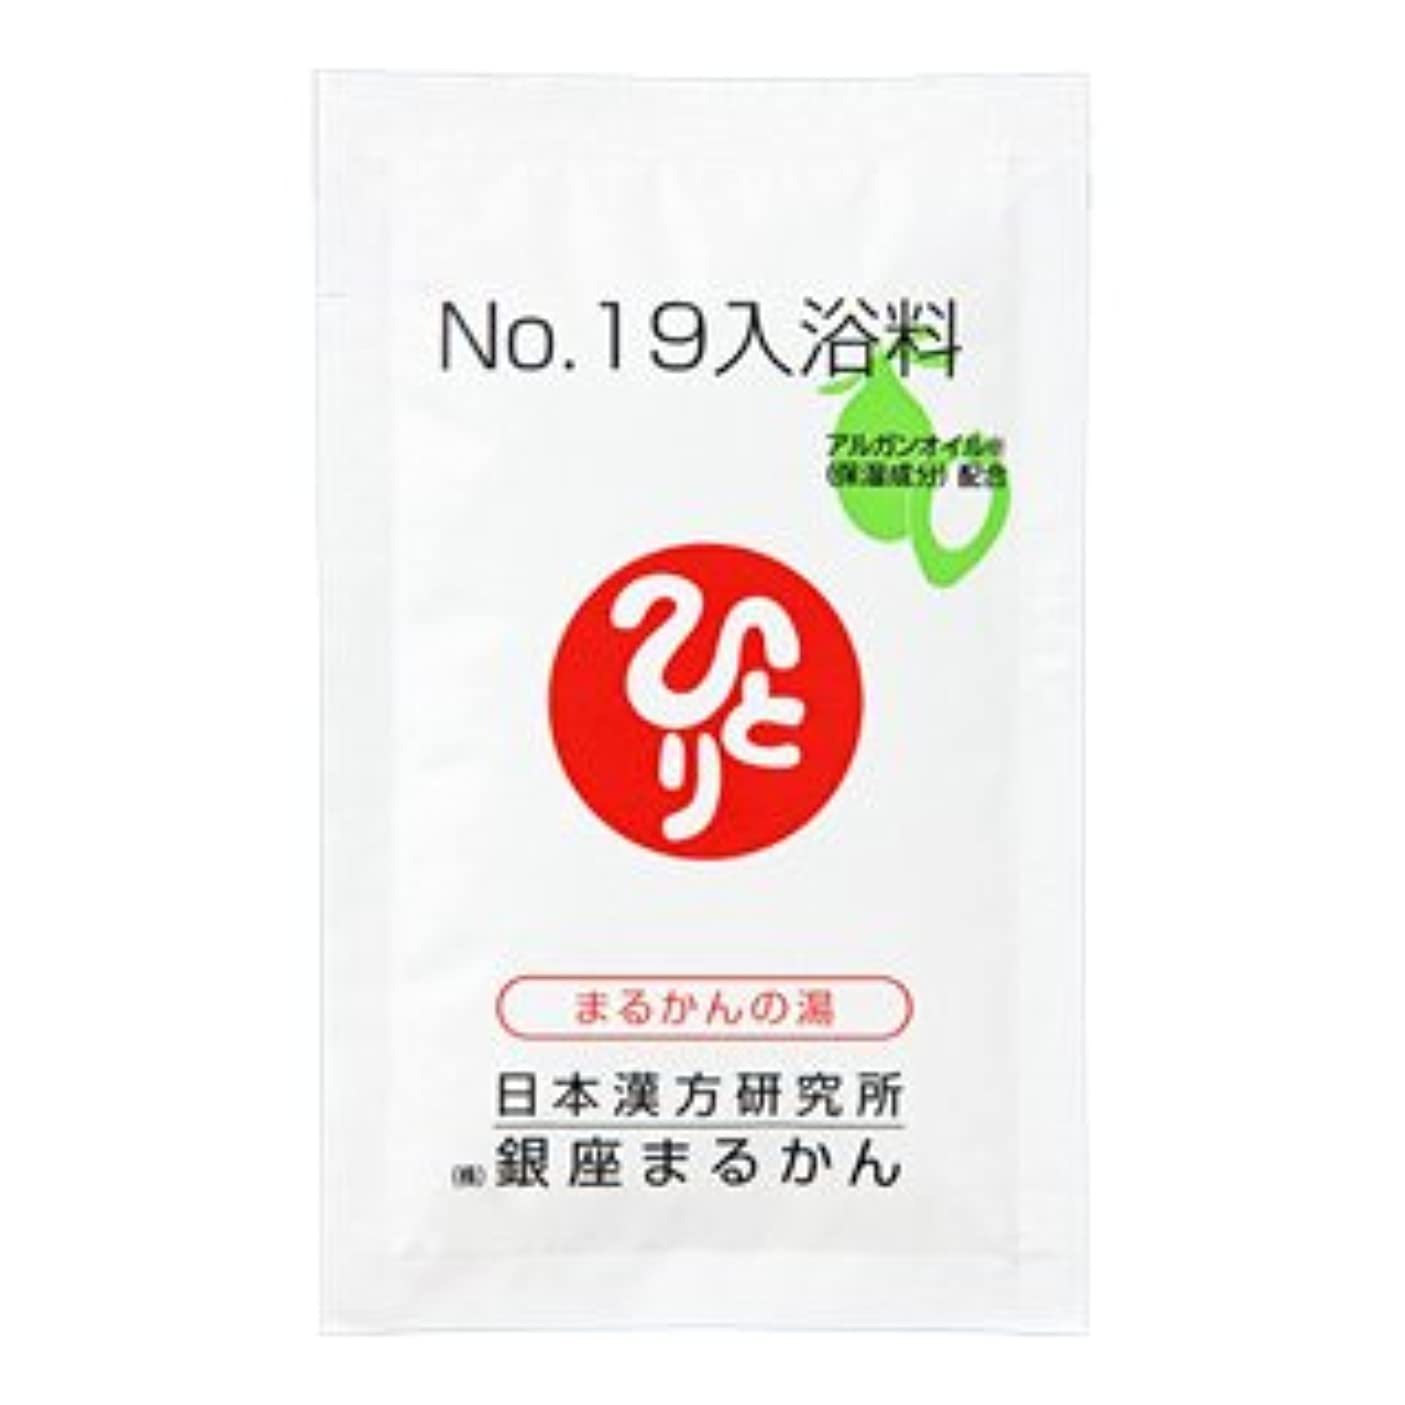 つばかすかな補体銀座まるかん No.19入浴料(50個)